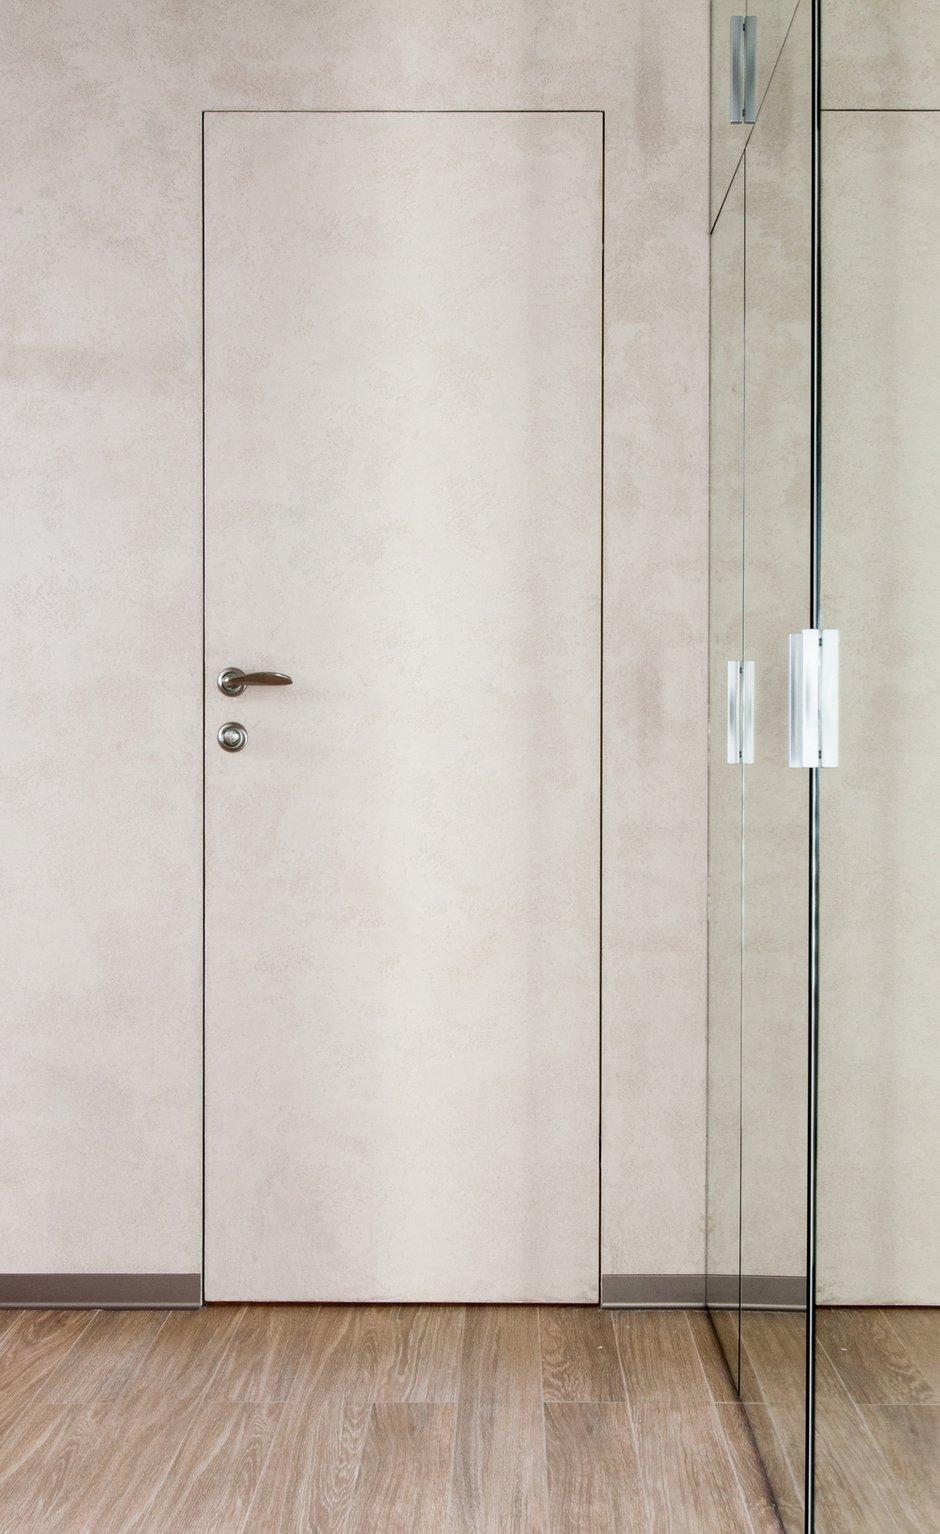 Фотография:  в стиле , Современный, Квартира, Минимализм, Проект недели, Ивантеевка, Московская область, Монолитный дом, 1 комната, до 40 метров, 40-60 метров, Design Filosofia, ЖК «Голландский квартал» – фото на INMYROOM